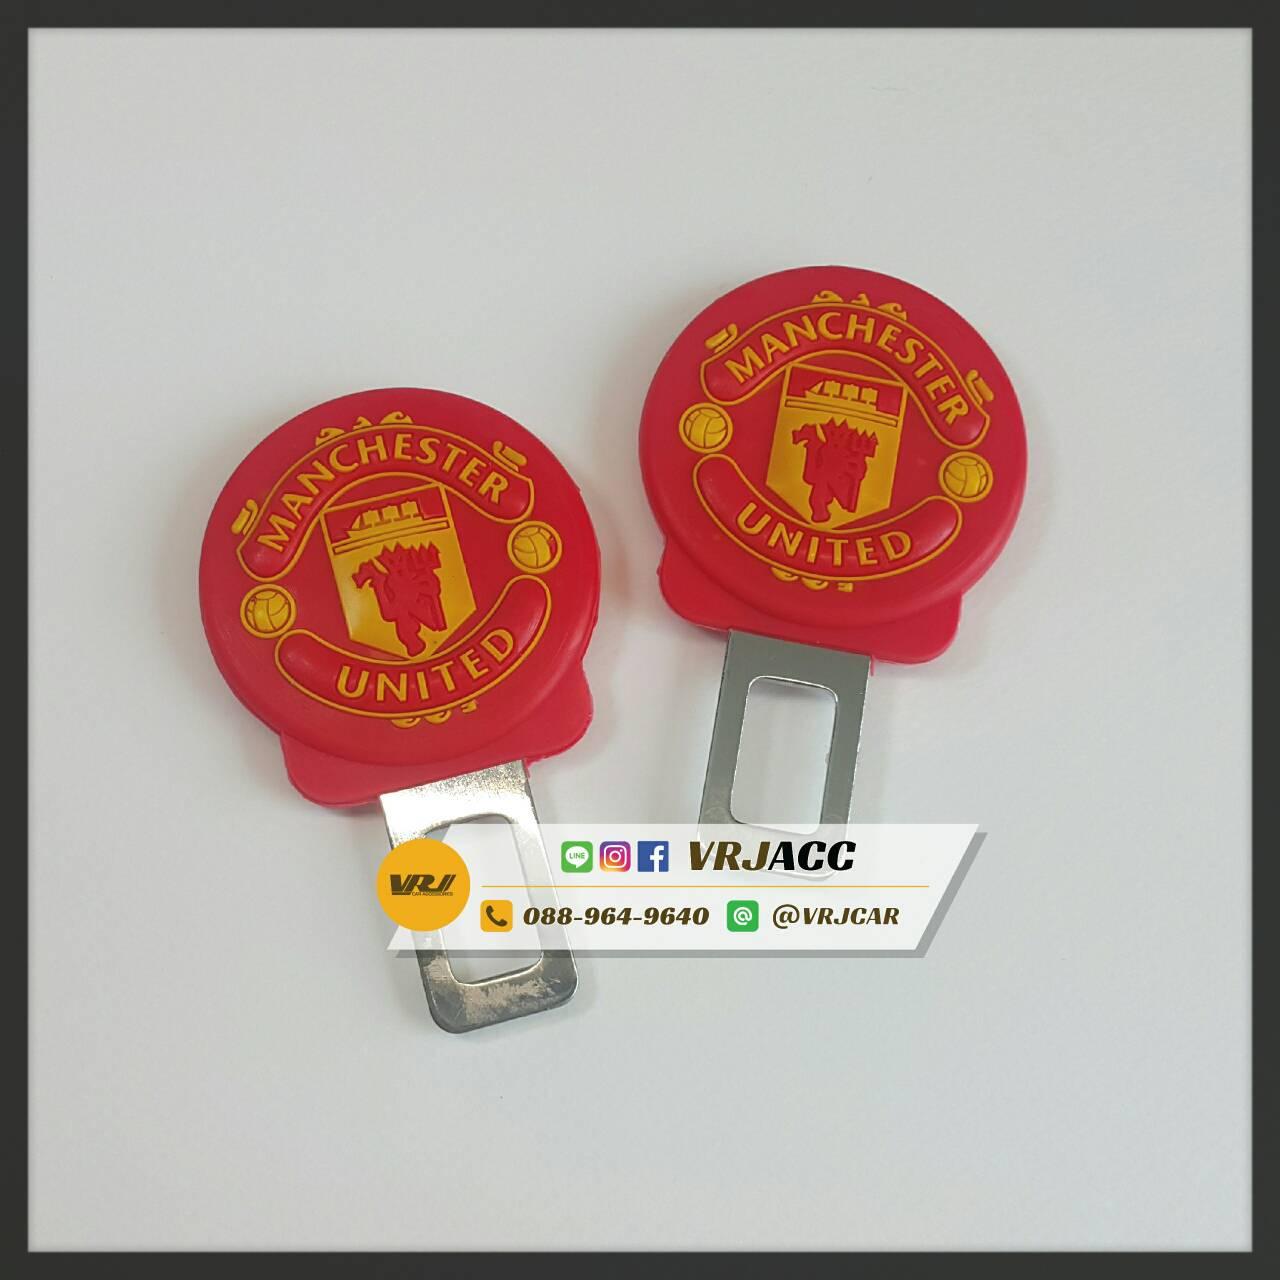 แมนยู Manchester United MAN U ตัวตัดสัญญาณเสียงเข็มขัดนิรภัย เสียบเบลท์หลอก ลอกเบลท์ Buckle (คู่)